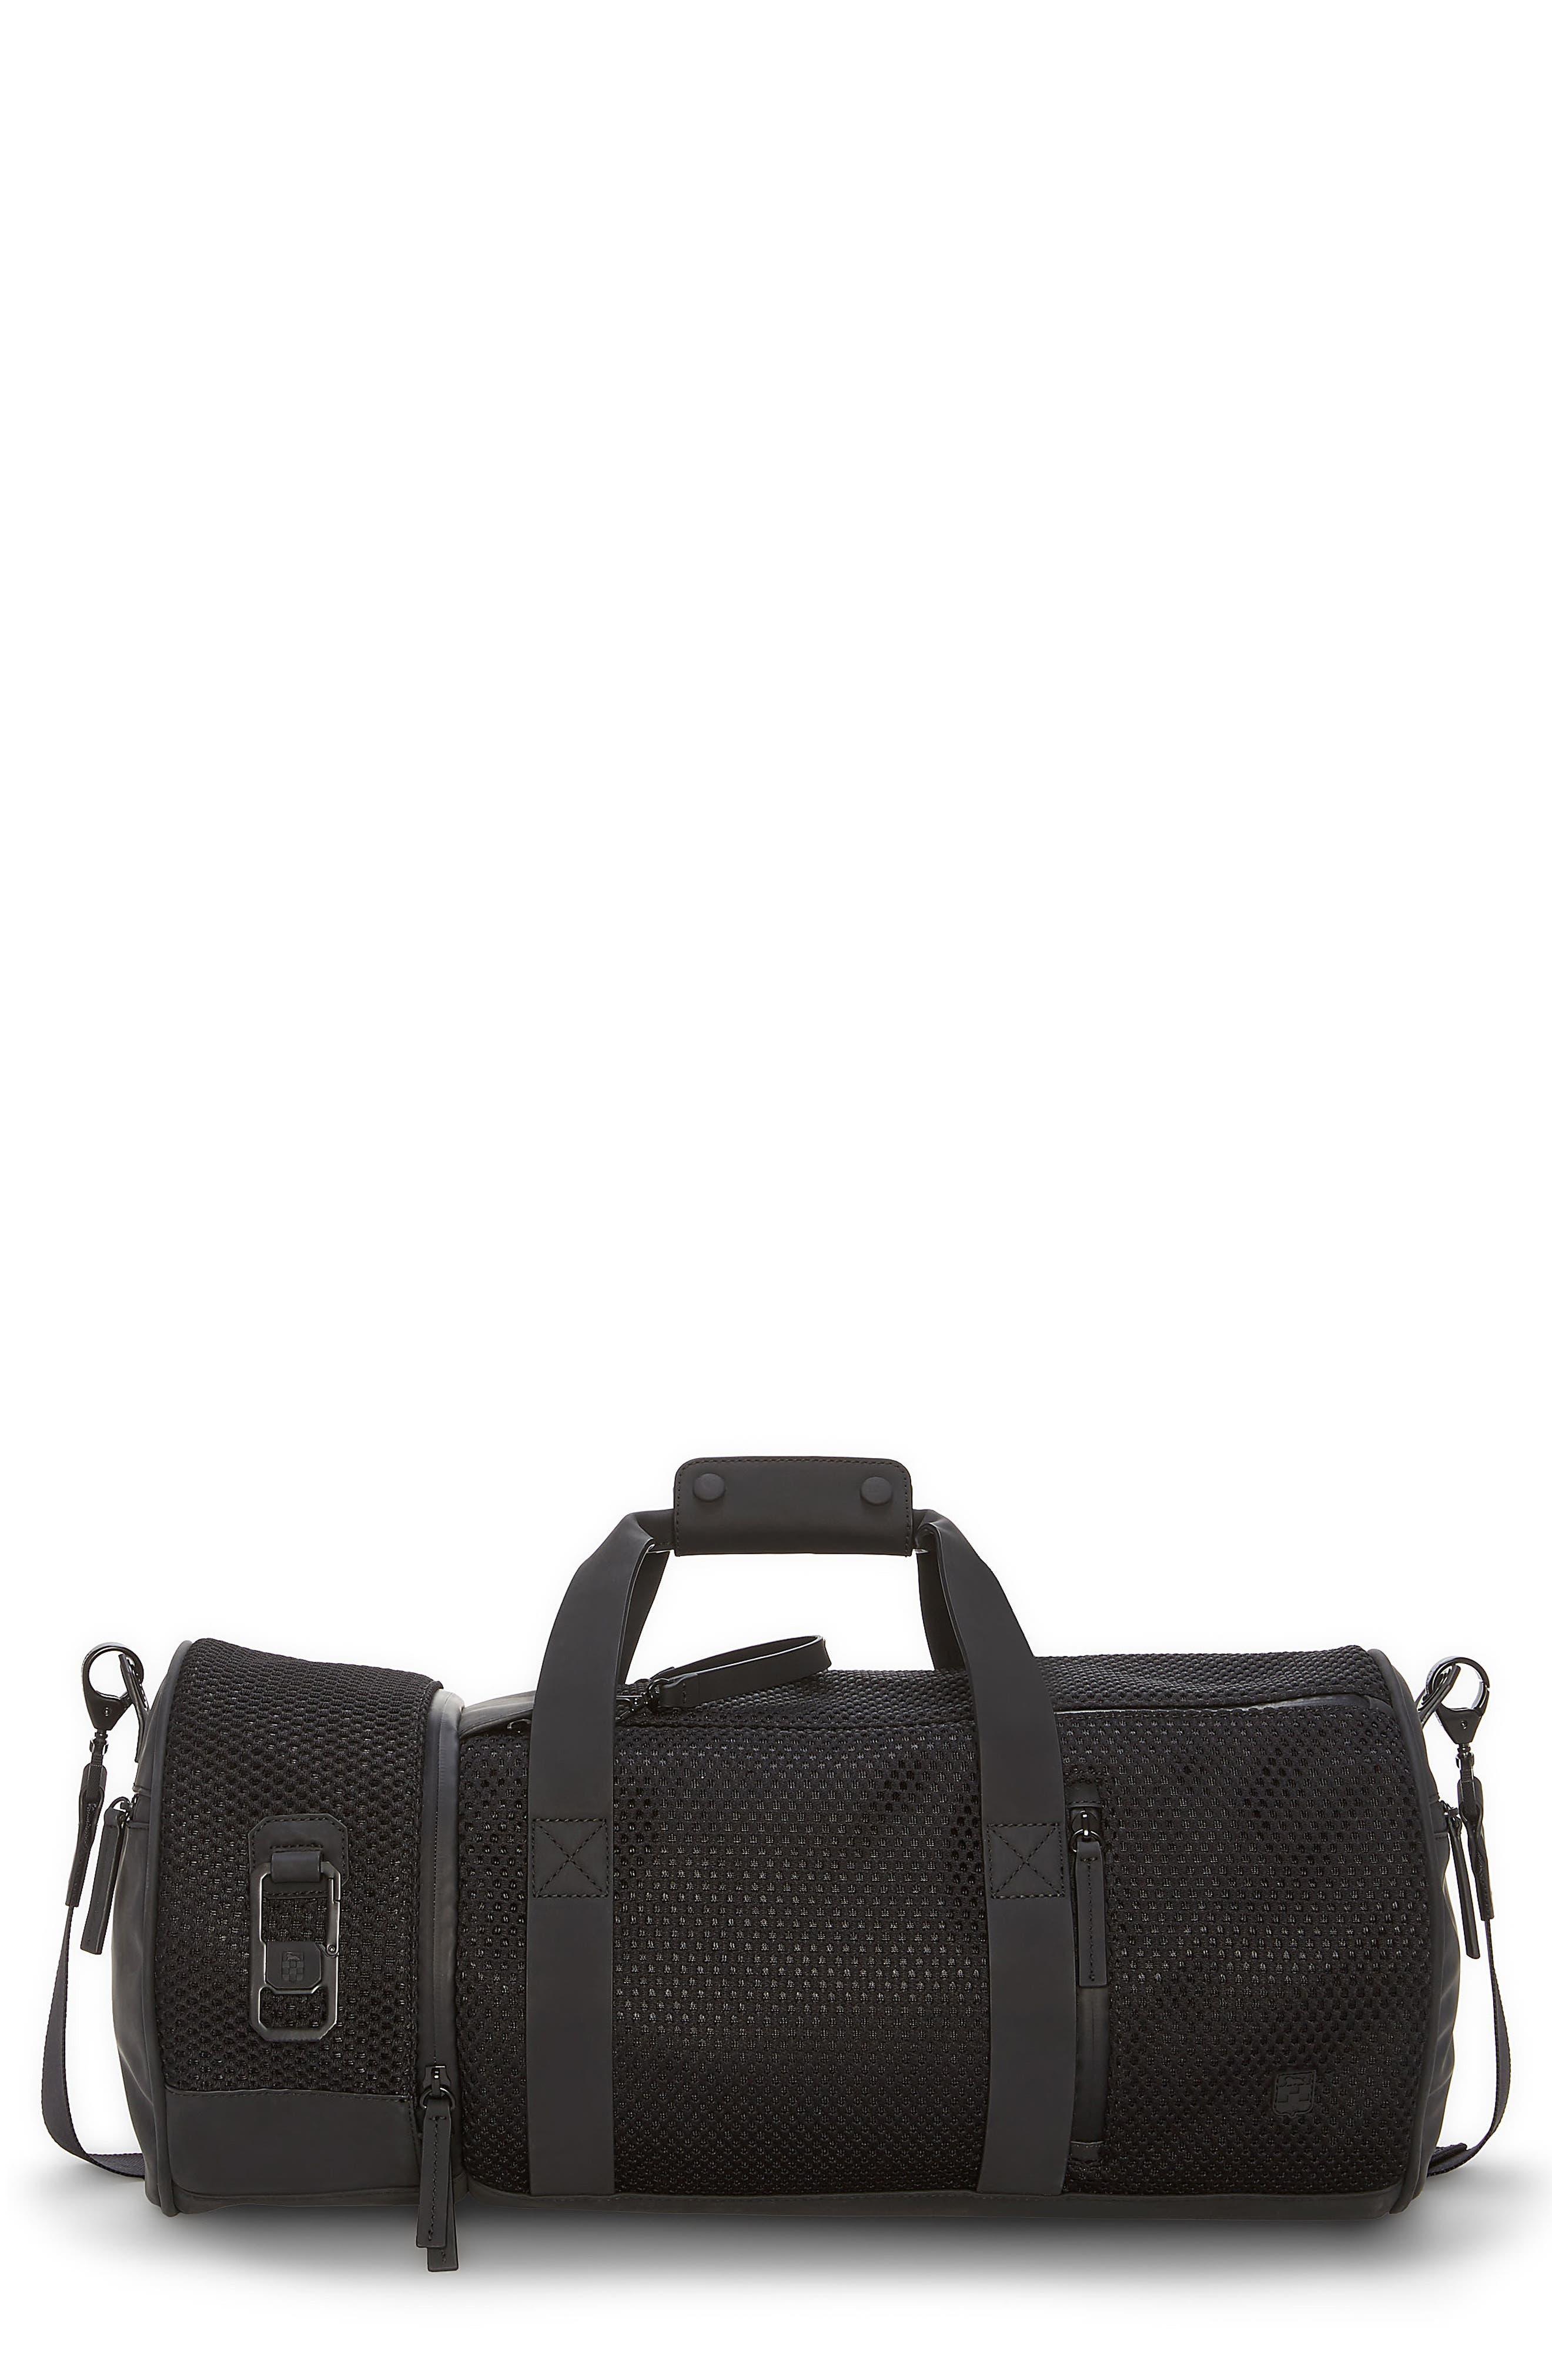 Urban Mesh Duffel Bag, Main, color, 002